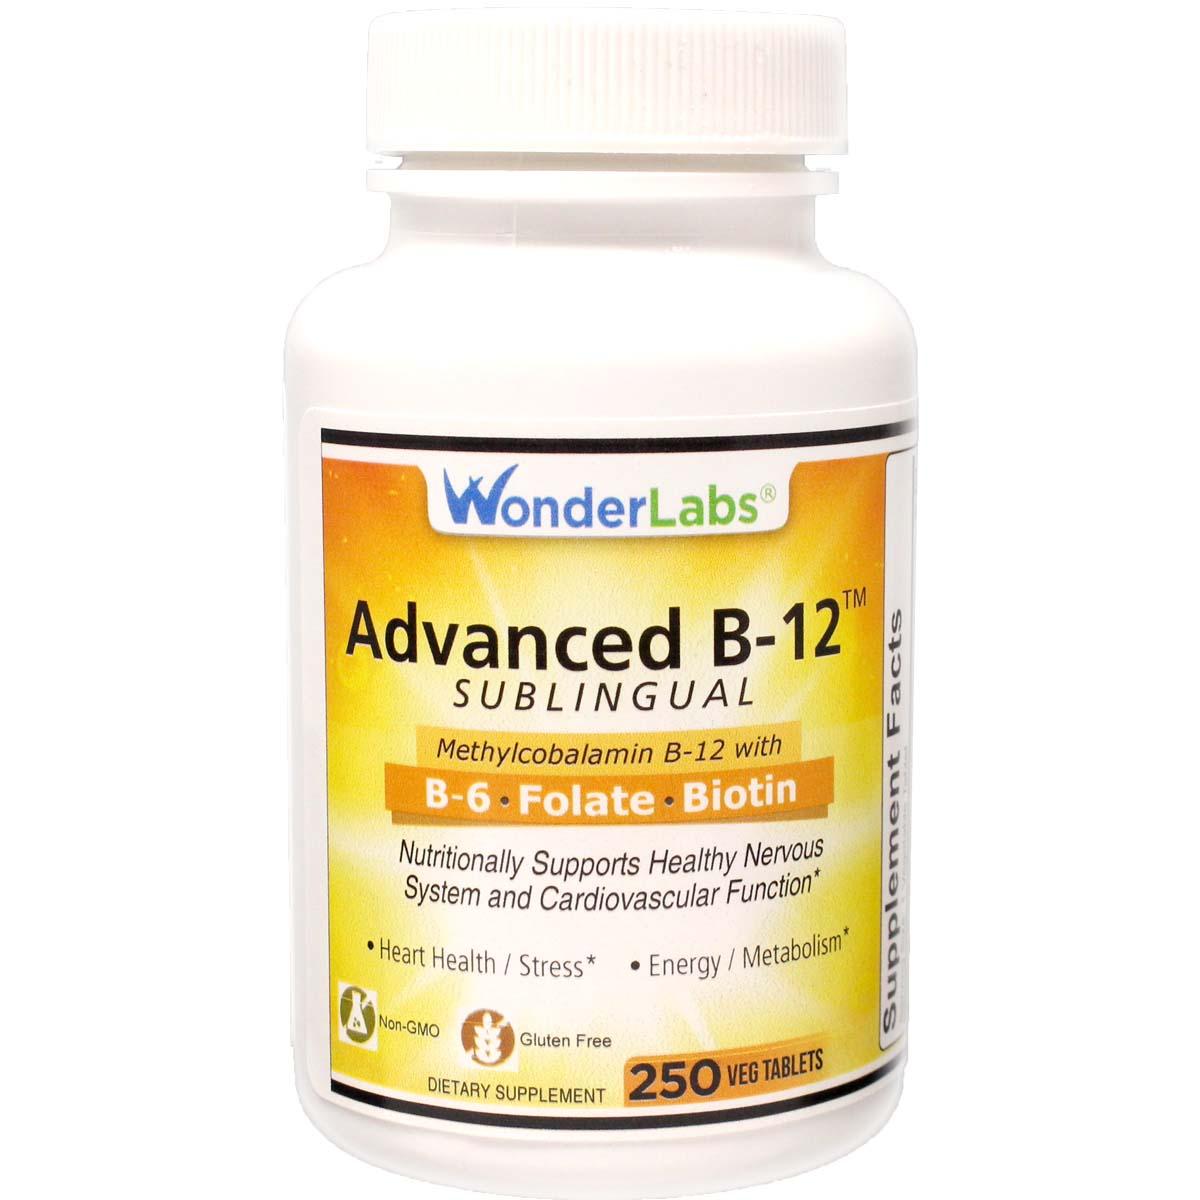 Advanced Vitamin B-12 Sublingual | B-6 - Folic Acid - Biotin